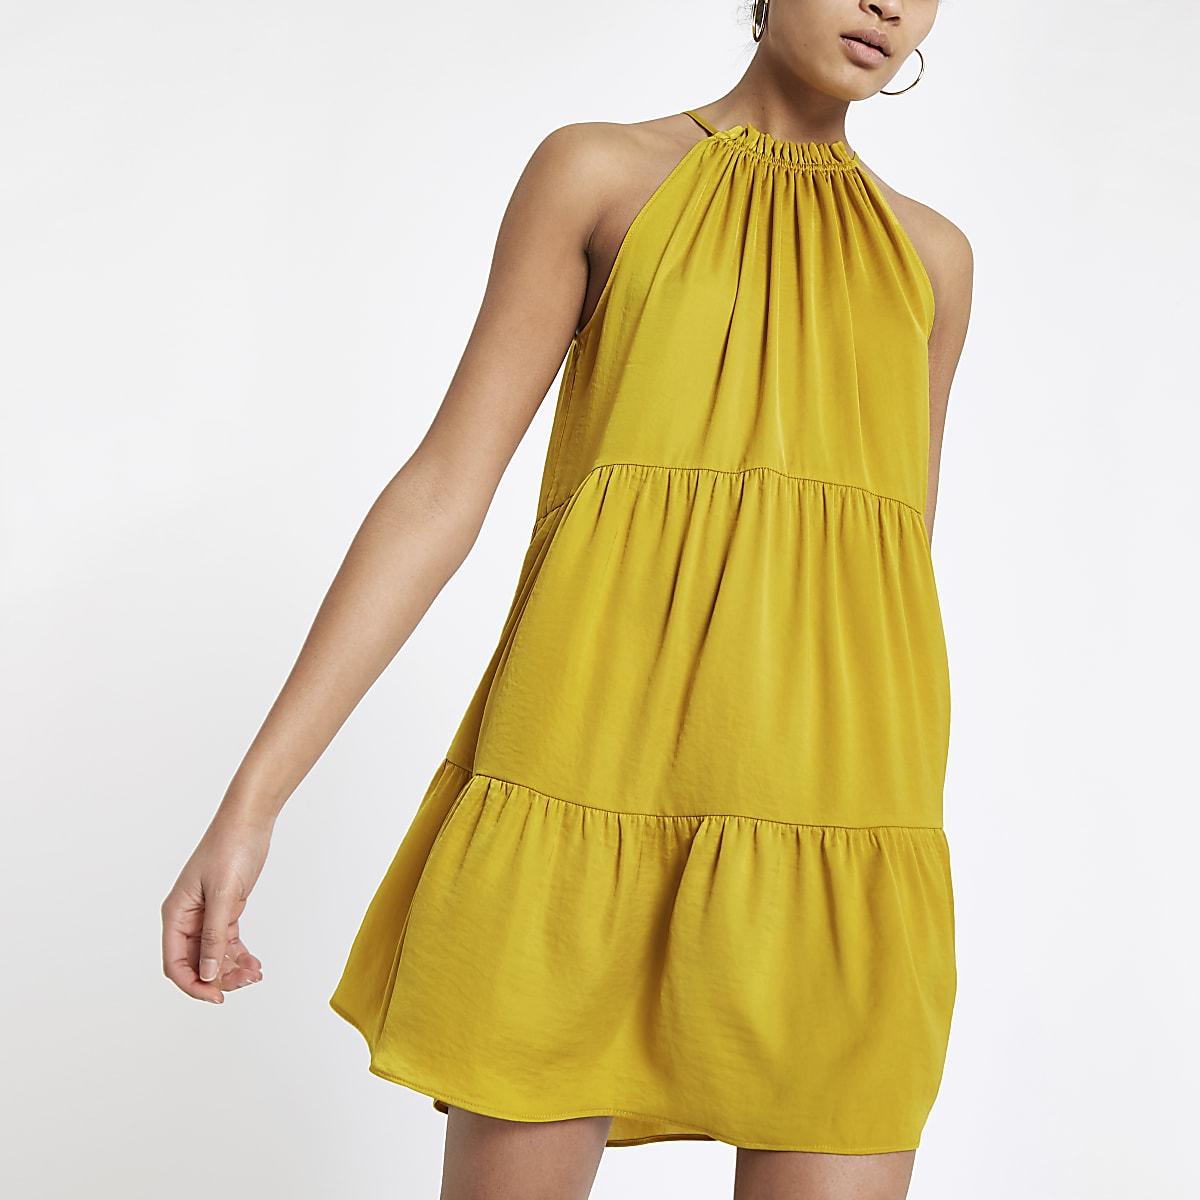 99c858957bd Yellow halter neck slip dress - Slip   Cami Dresses - Dresses - women